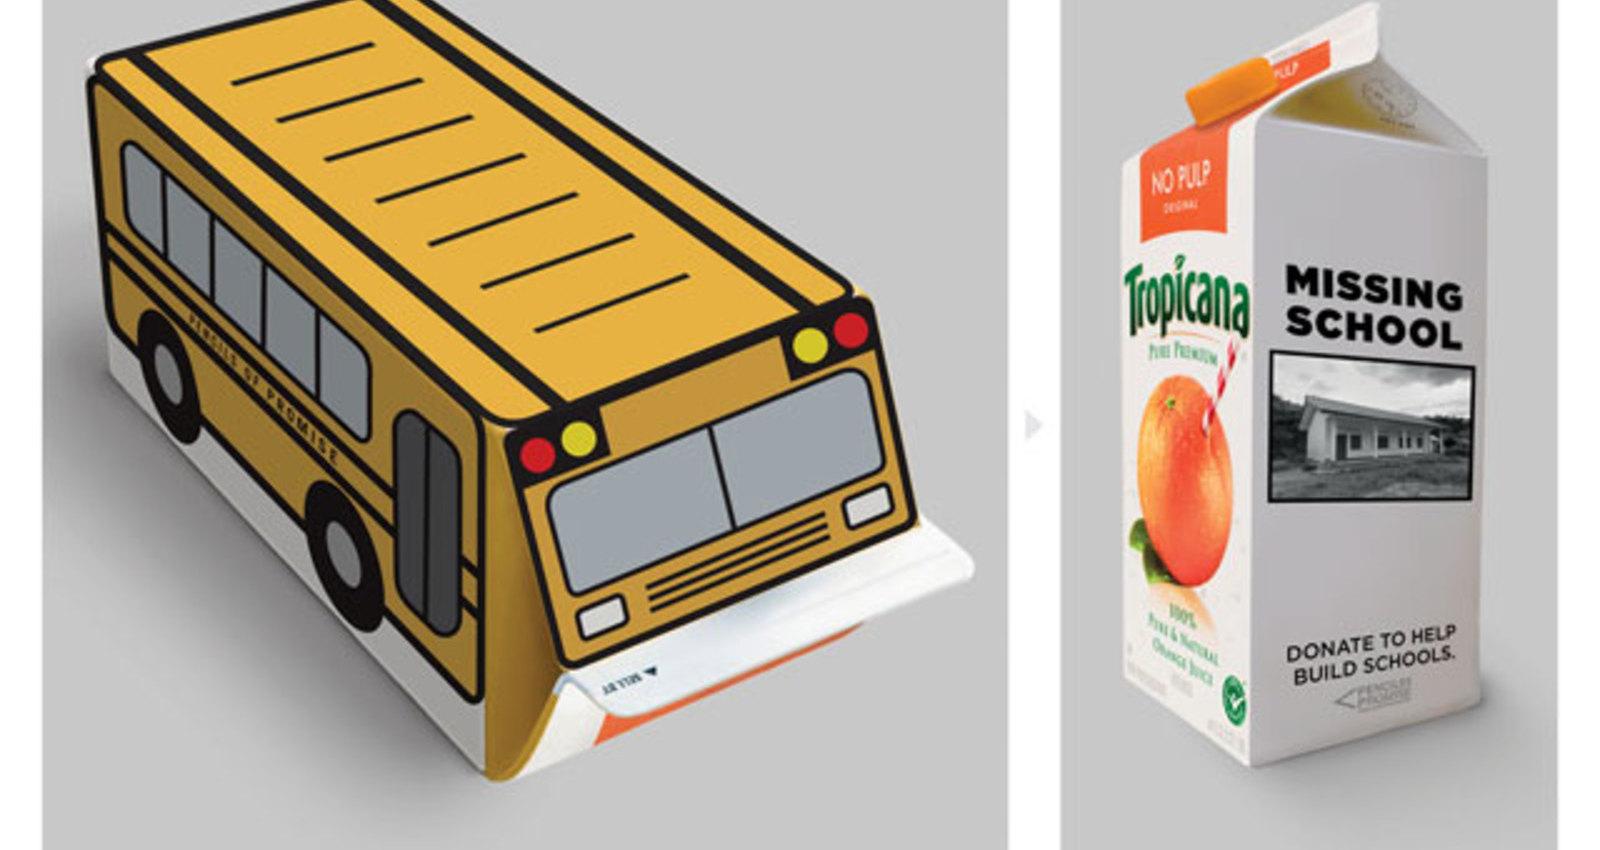 Missing School Cartons